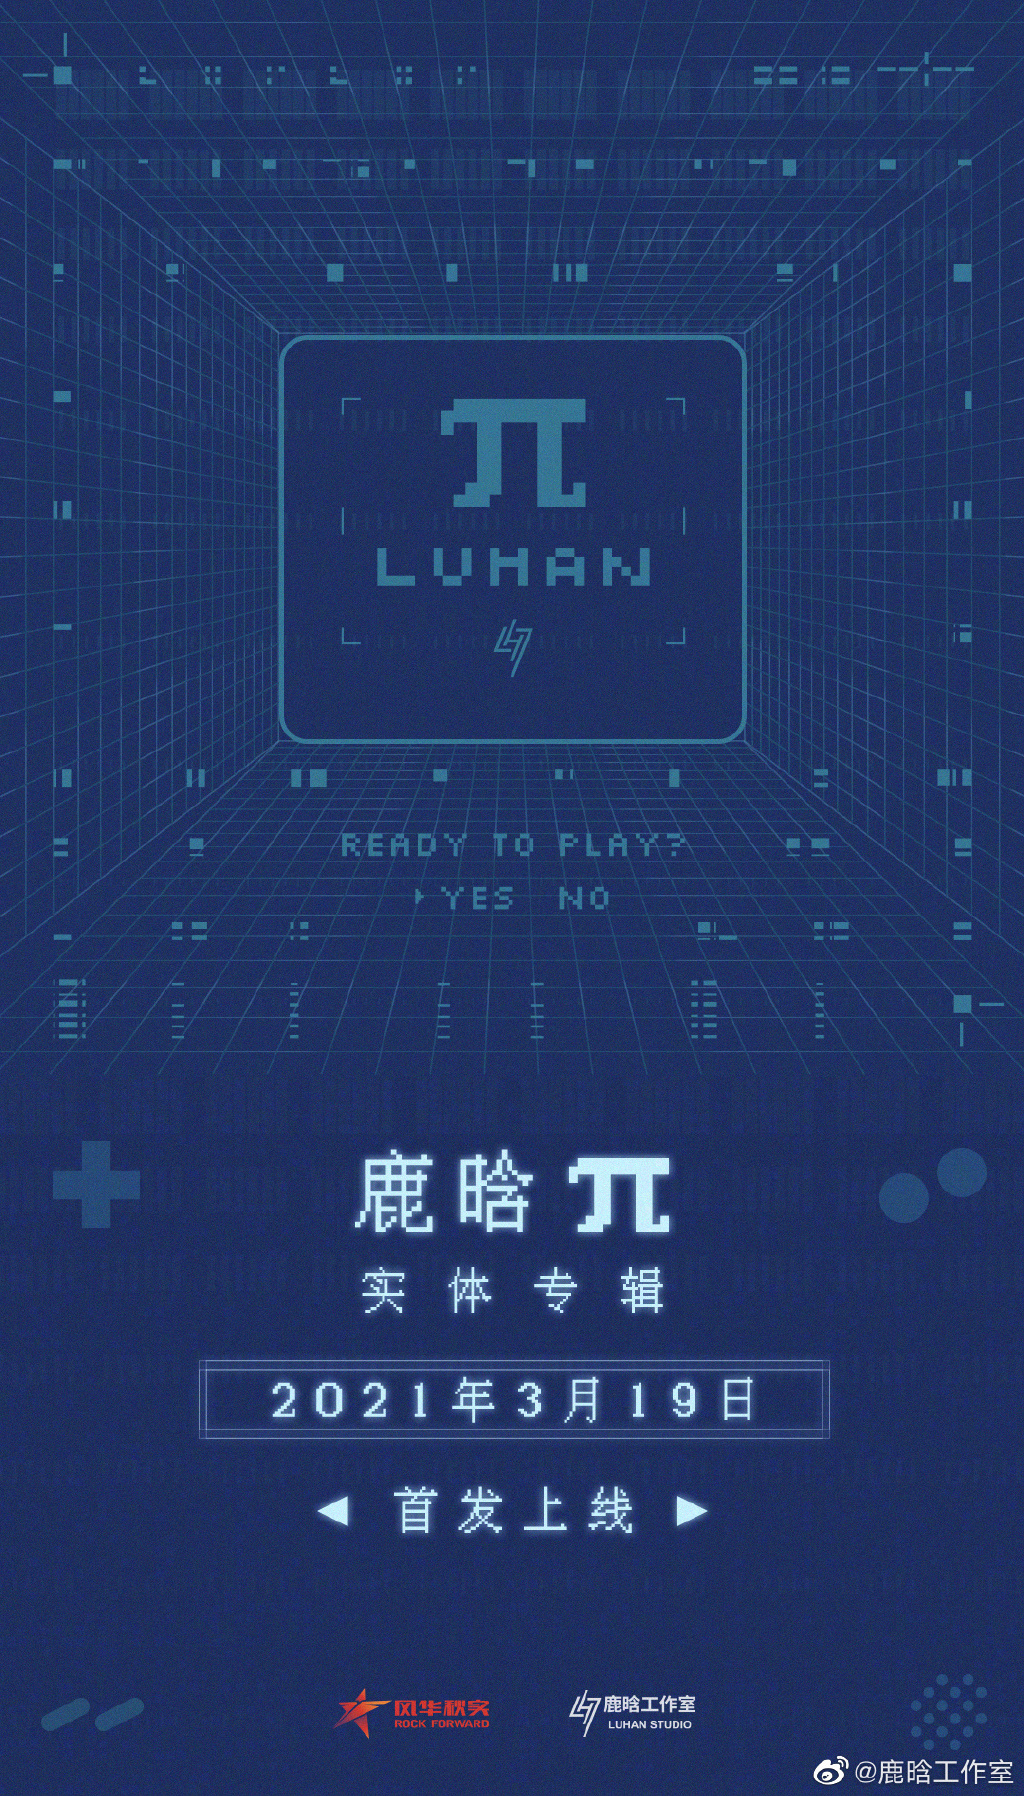 鹿晗第三张实体专辑《》3月19日首发